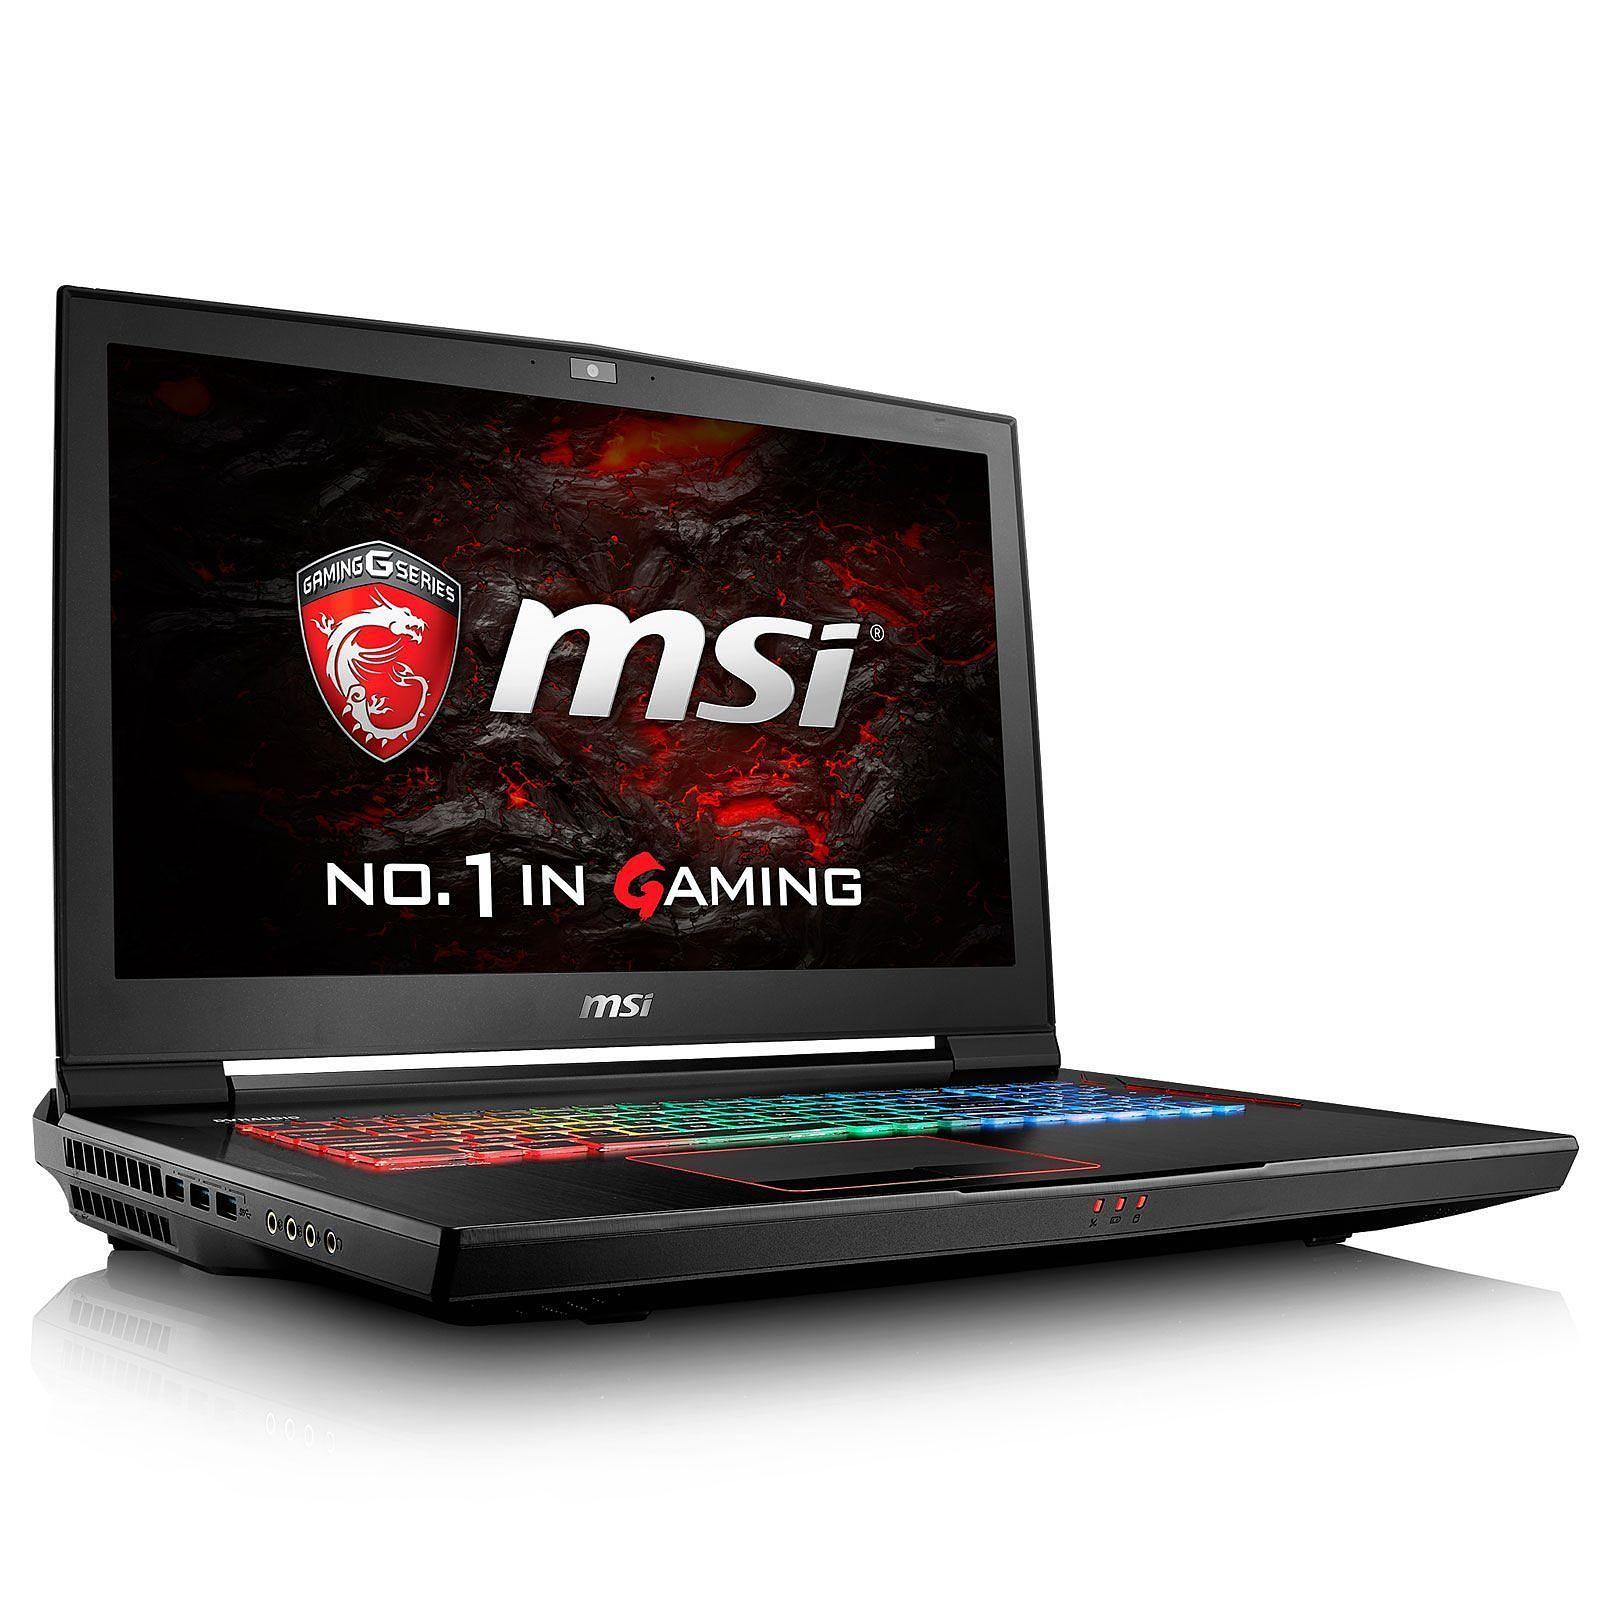 Titan Pro GT73VR 17″ MSI Core i7-7820HK – SSD 750 Go + HDD 1 To – 64 Go – GeForce GTX 1080 8Go – Prix d'origine 3790€ – NEUF